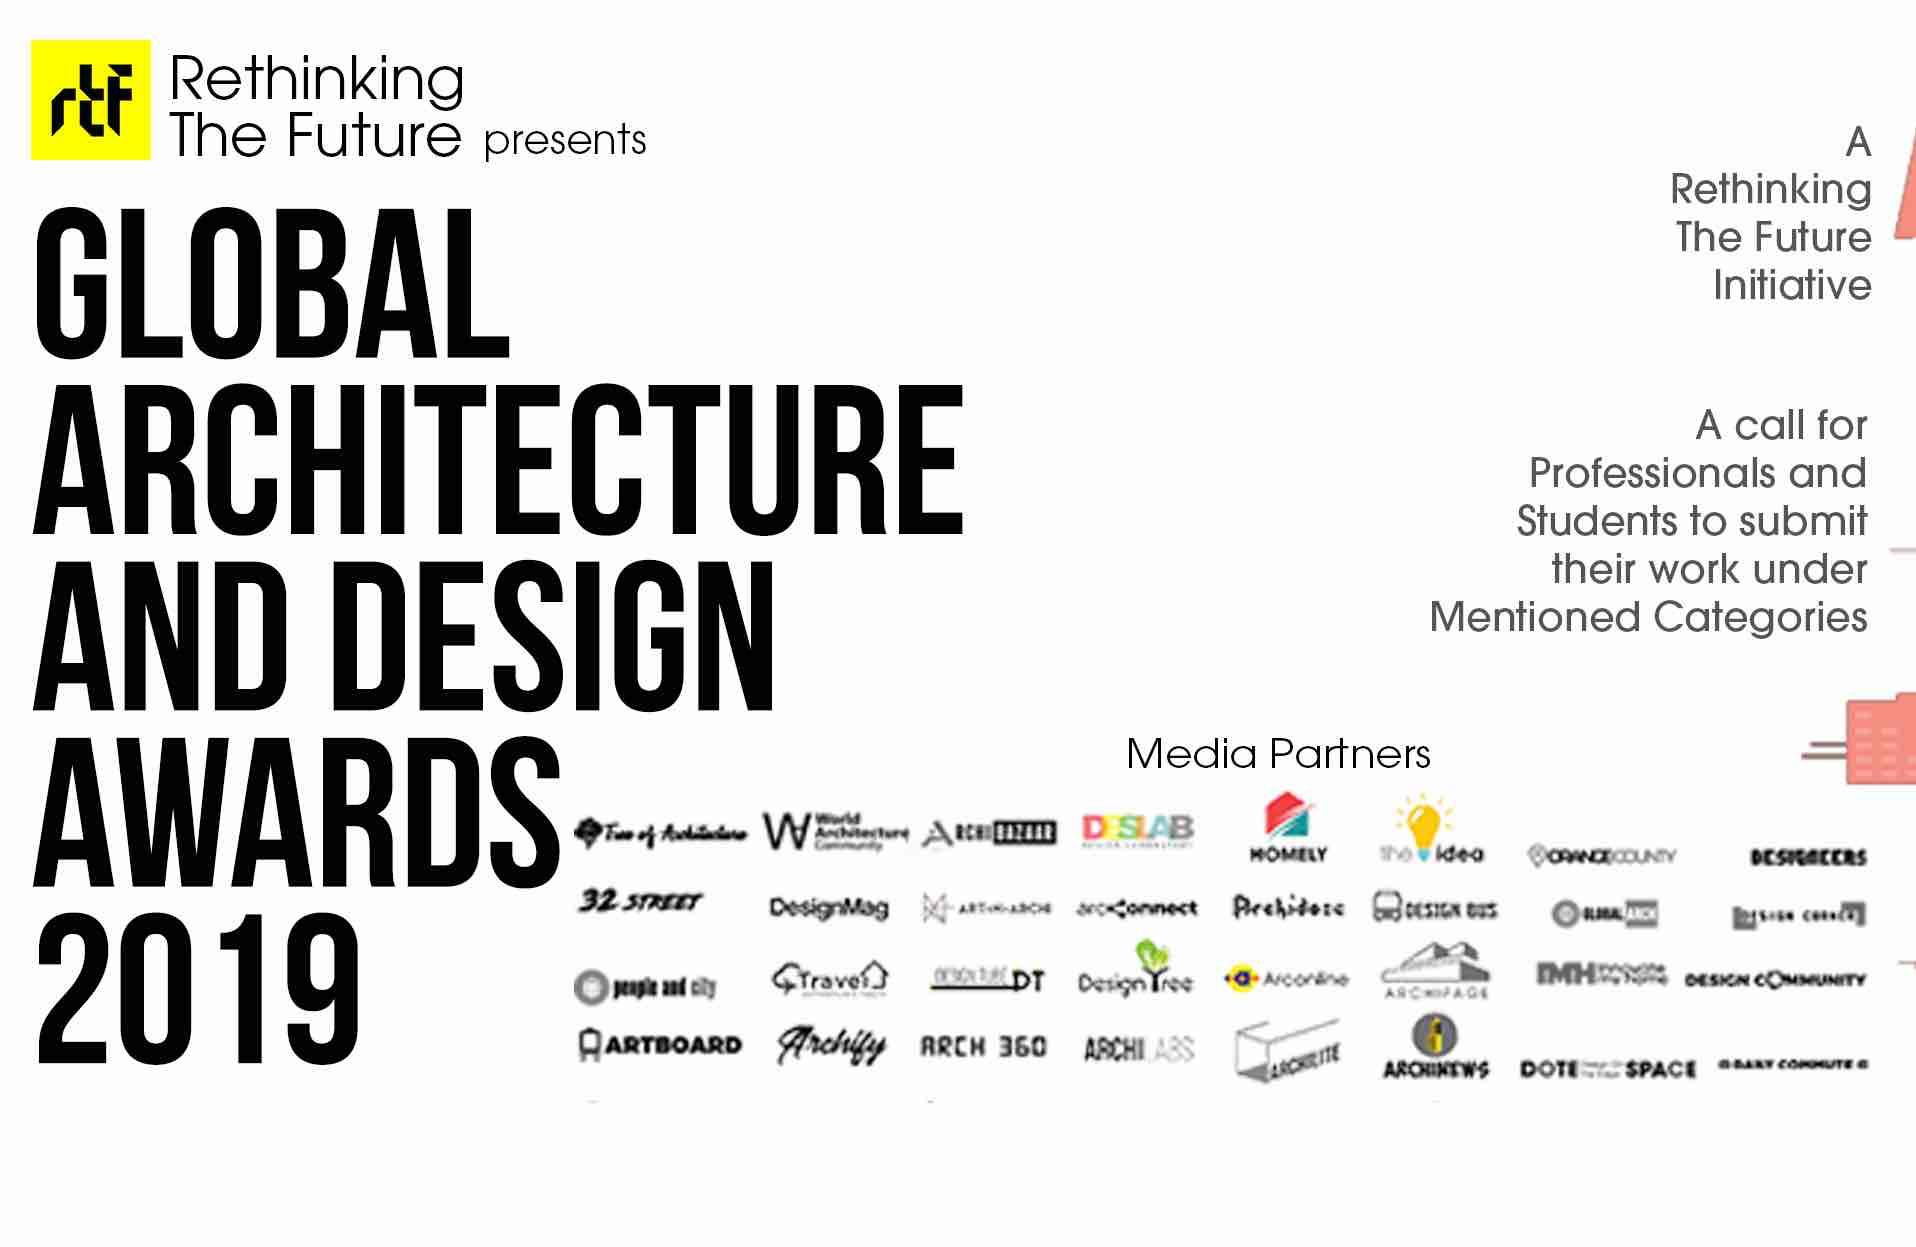 Global Architecture & Design Awards - GADA 2019 - Azure Magazine | Azure  Magazine